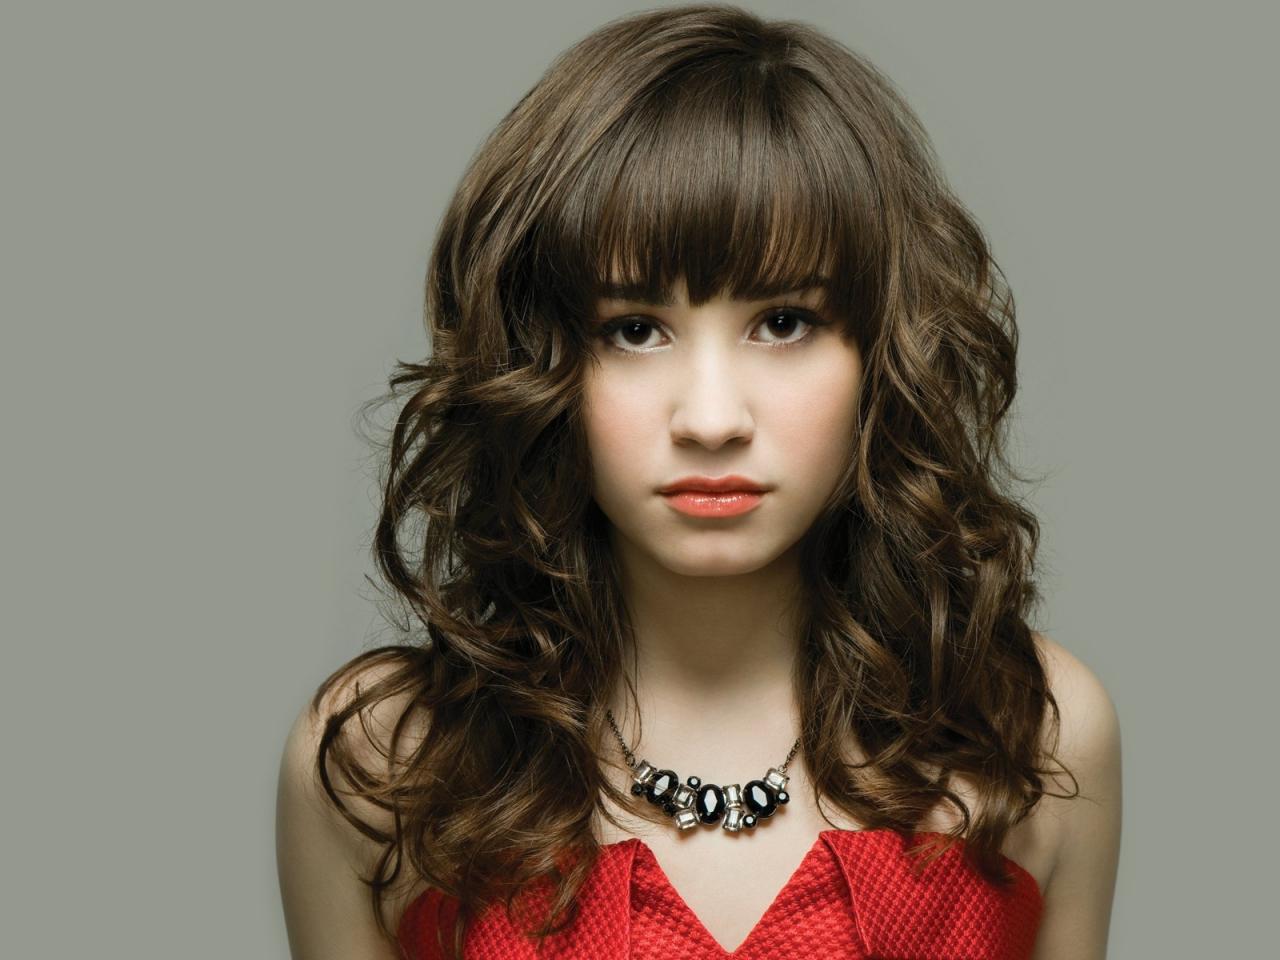 Demi Lovato fotos - 1280x960